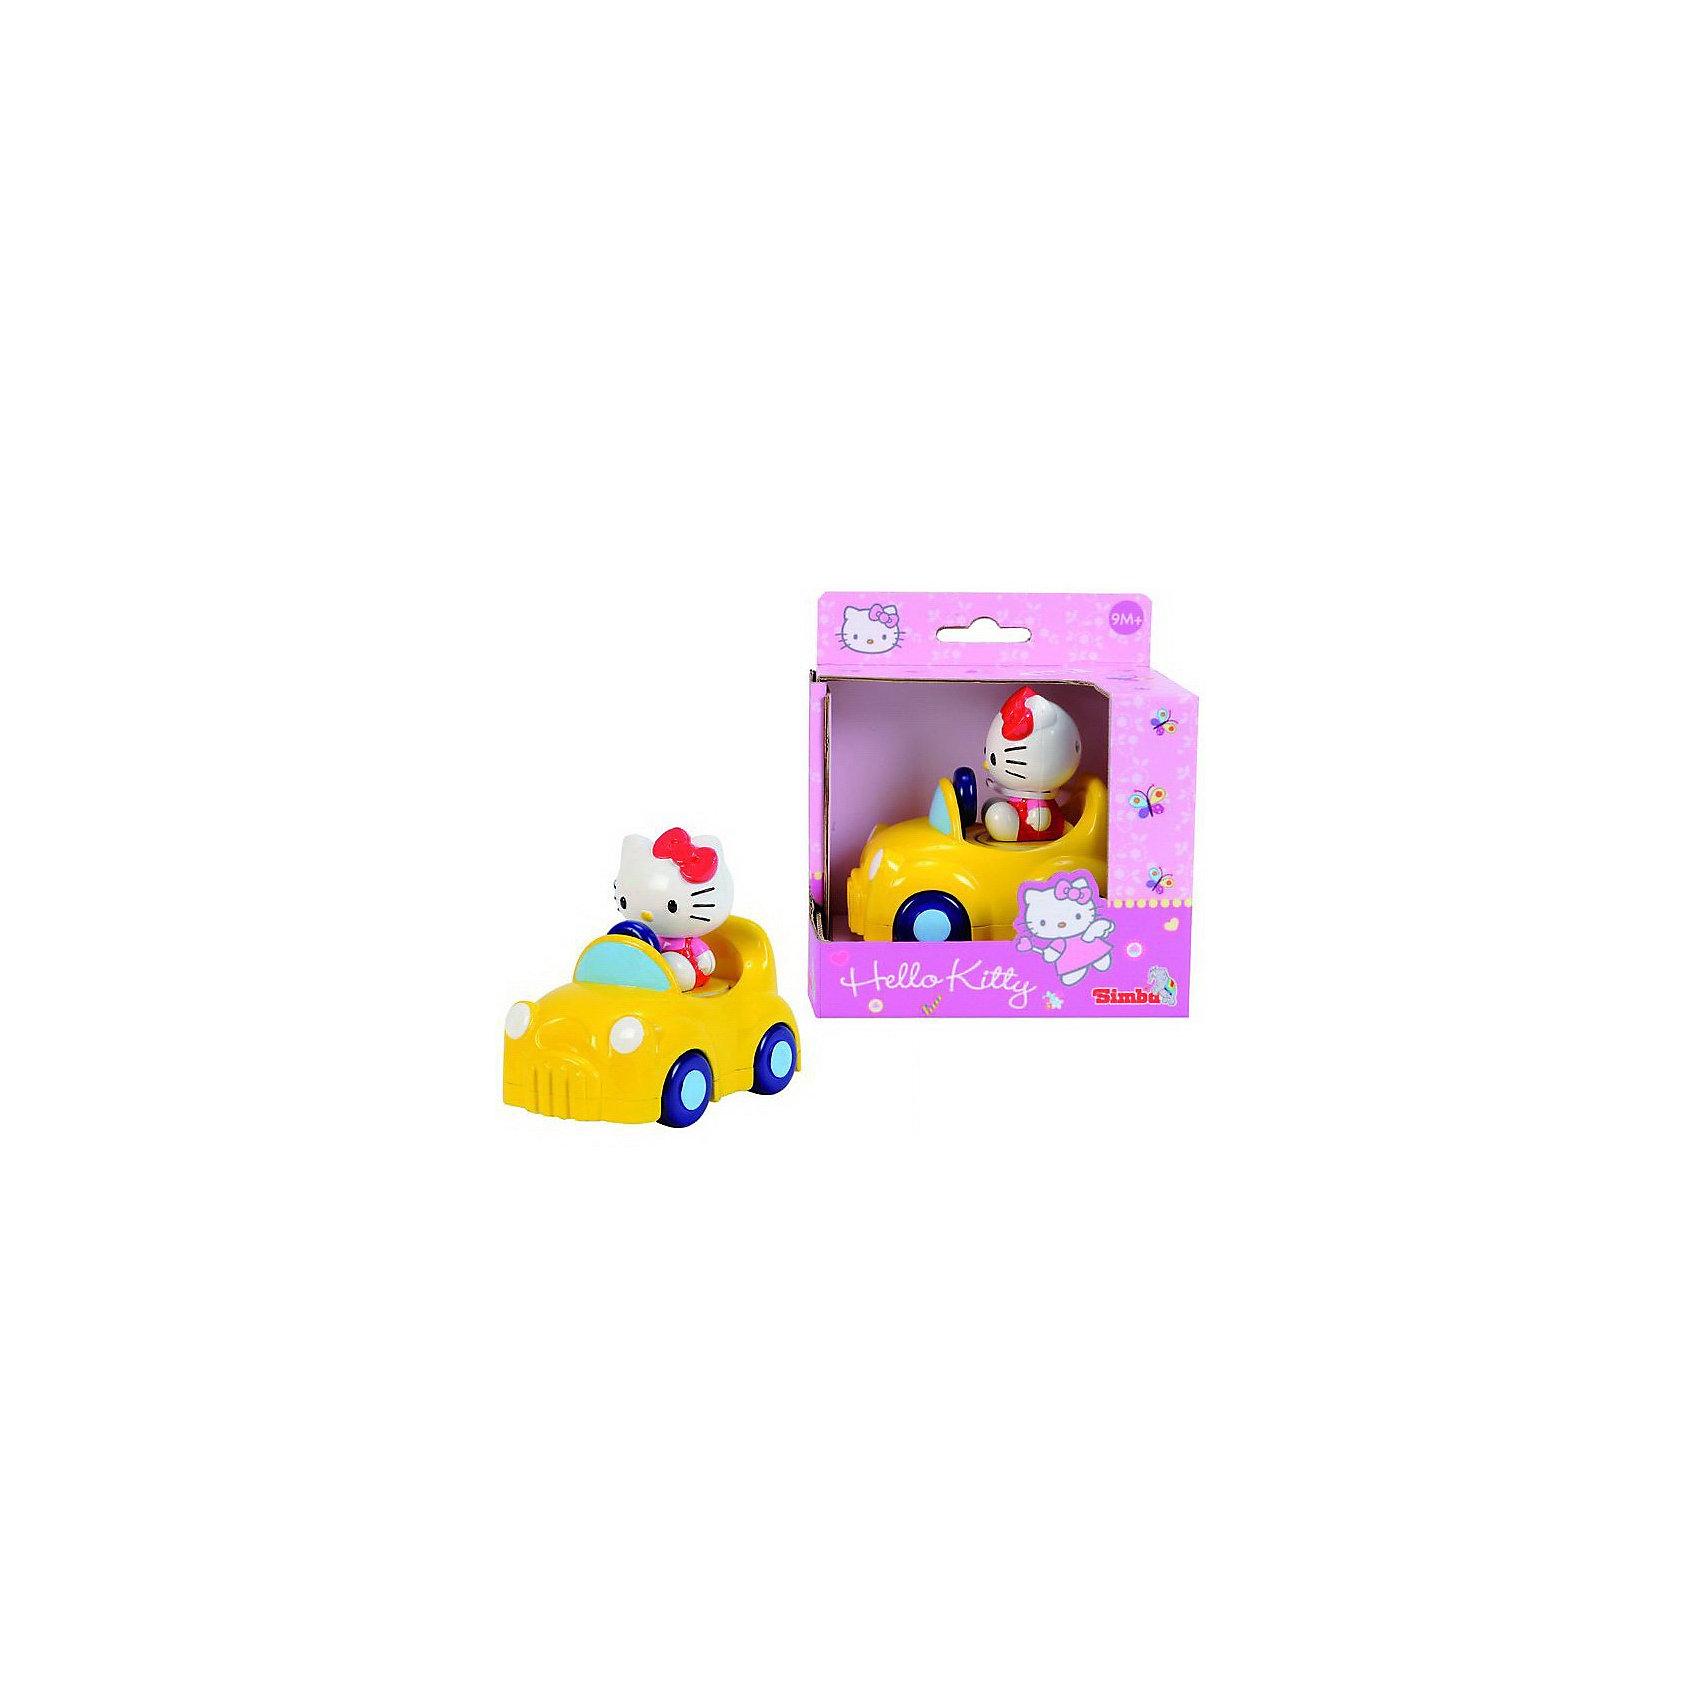 Simba                 Машинка Hello KittyМашинки и транспорт для малышей<br>Яркая желтая машинка с милой кошечкой из серии Hello Kitty При нажатии на котенка машинка начинает двигаться. Игрушка с крупными скругленными деталями безопасна для самых маленьких.<br><br>Дополнительная информация: <br><br>- Размер игрушки:  11 см.<br>- Размер упаковки: 19,8 х 5,5 х 15 см.<br><br>Эта симпатичная машинка доставит много радости самым маленьким<br>Купить машинку можно в нашем магазине<br><br>Ширина мм: 140<br>Глубина мм: 90<br>Высота мм: 120<br>Вес г: 186<br>Возраст от месяцев: 12<br>Возраст до месяцев: 60<br>Пол: Унисекс<br>Возраст: Детский<br>SKU: 2497488